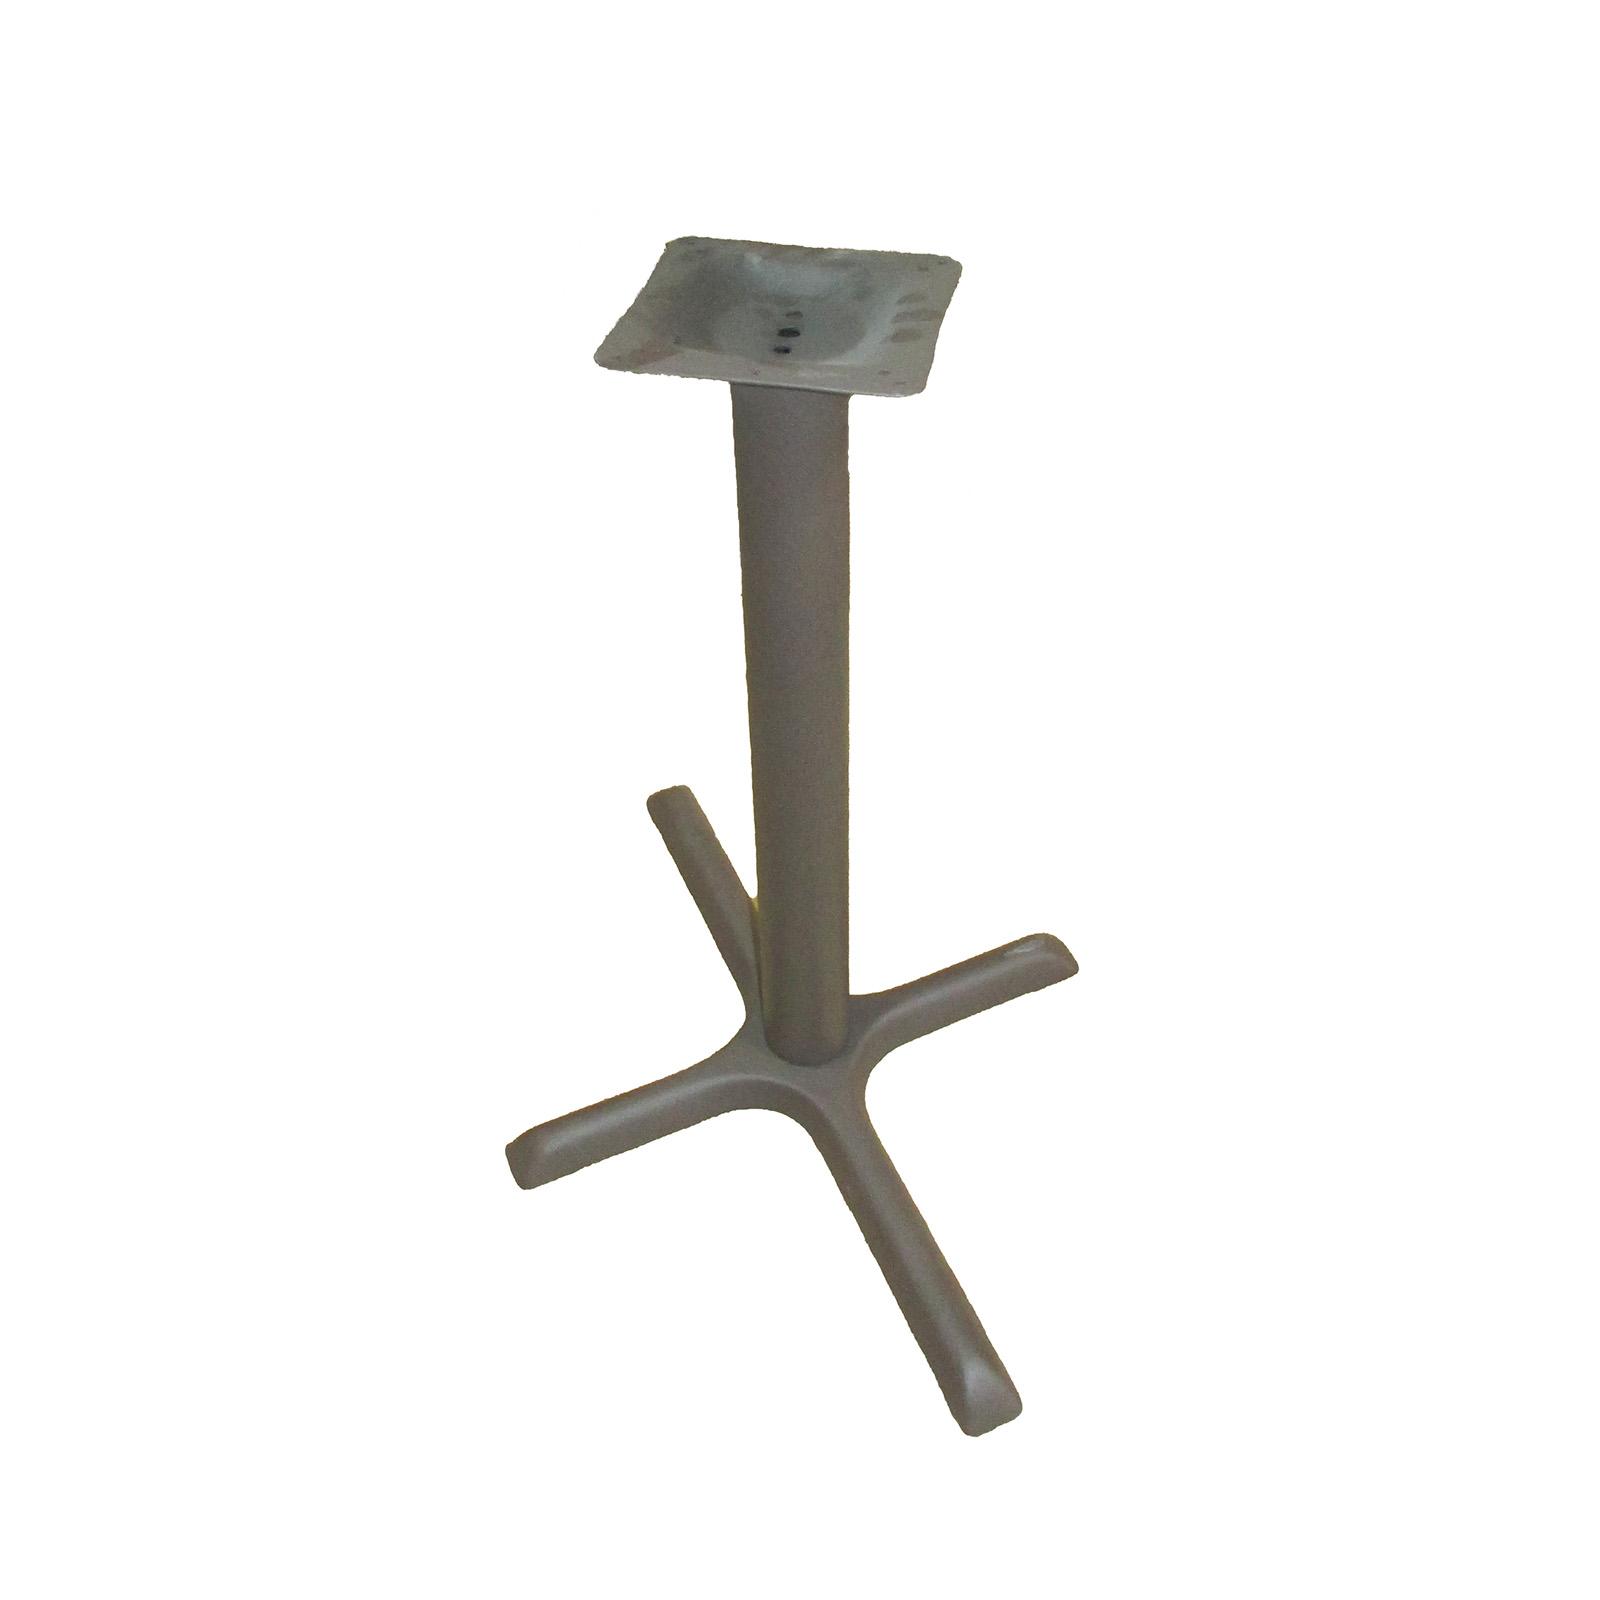 Oak Street B2230BRZ-STD table base, metal